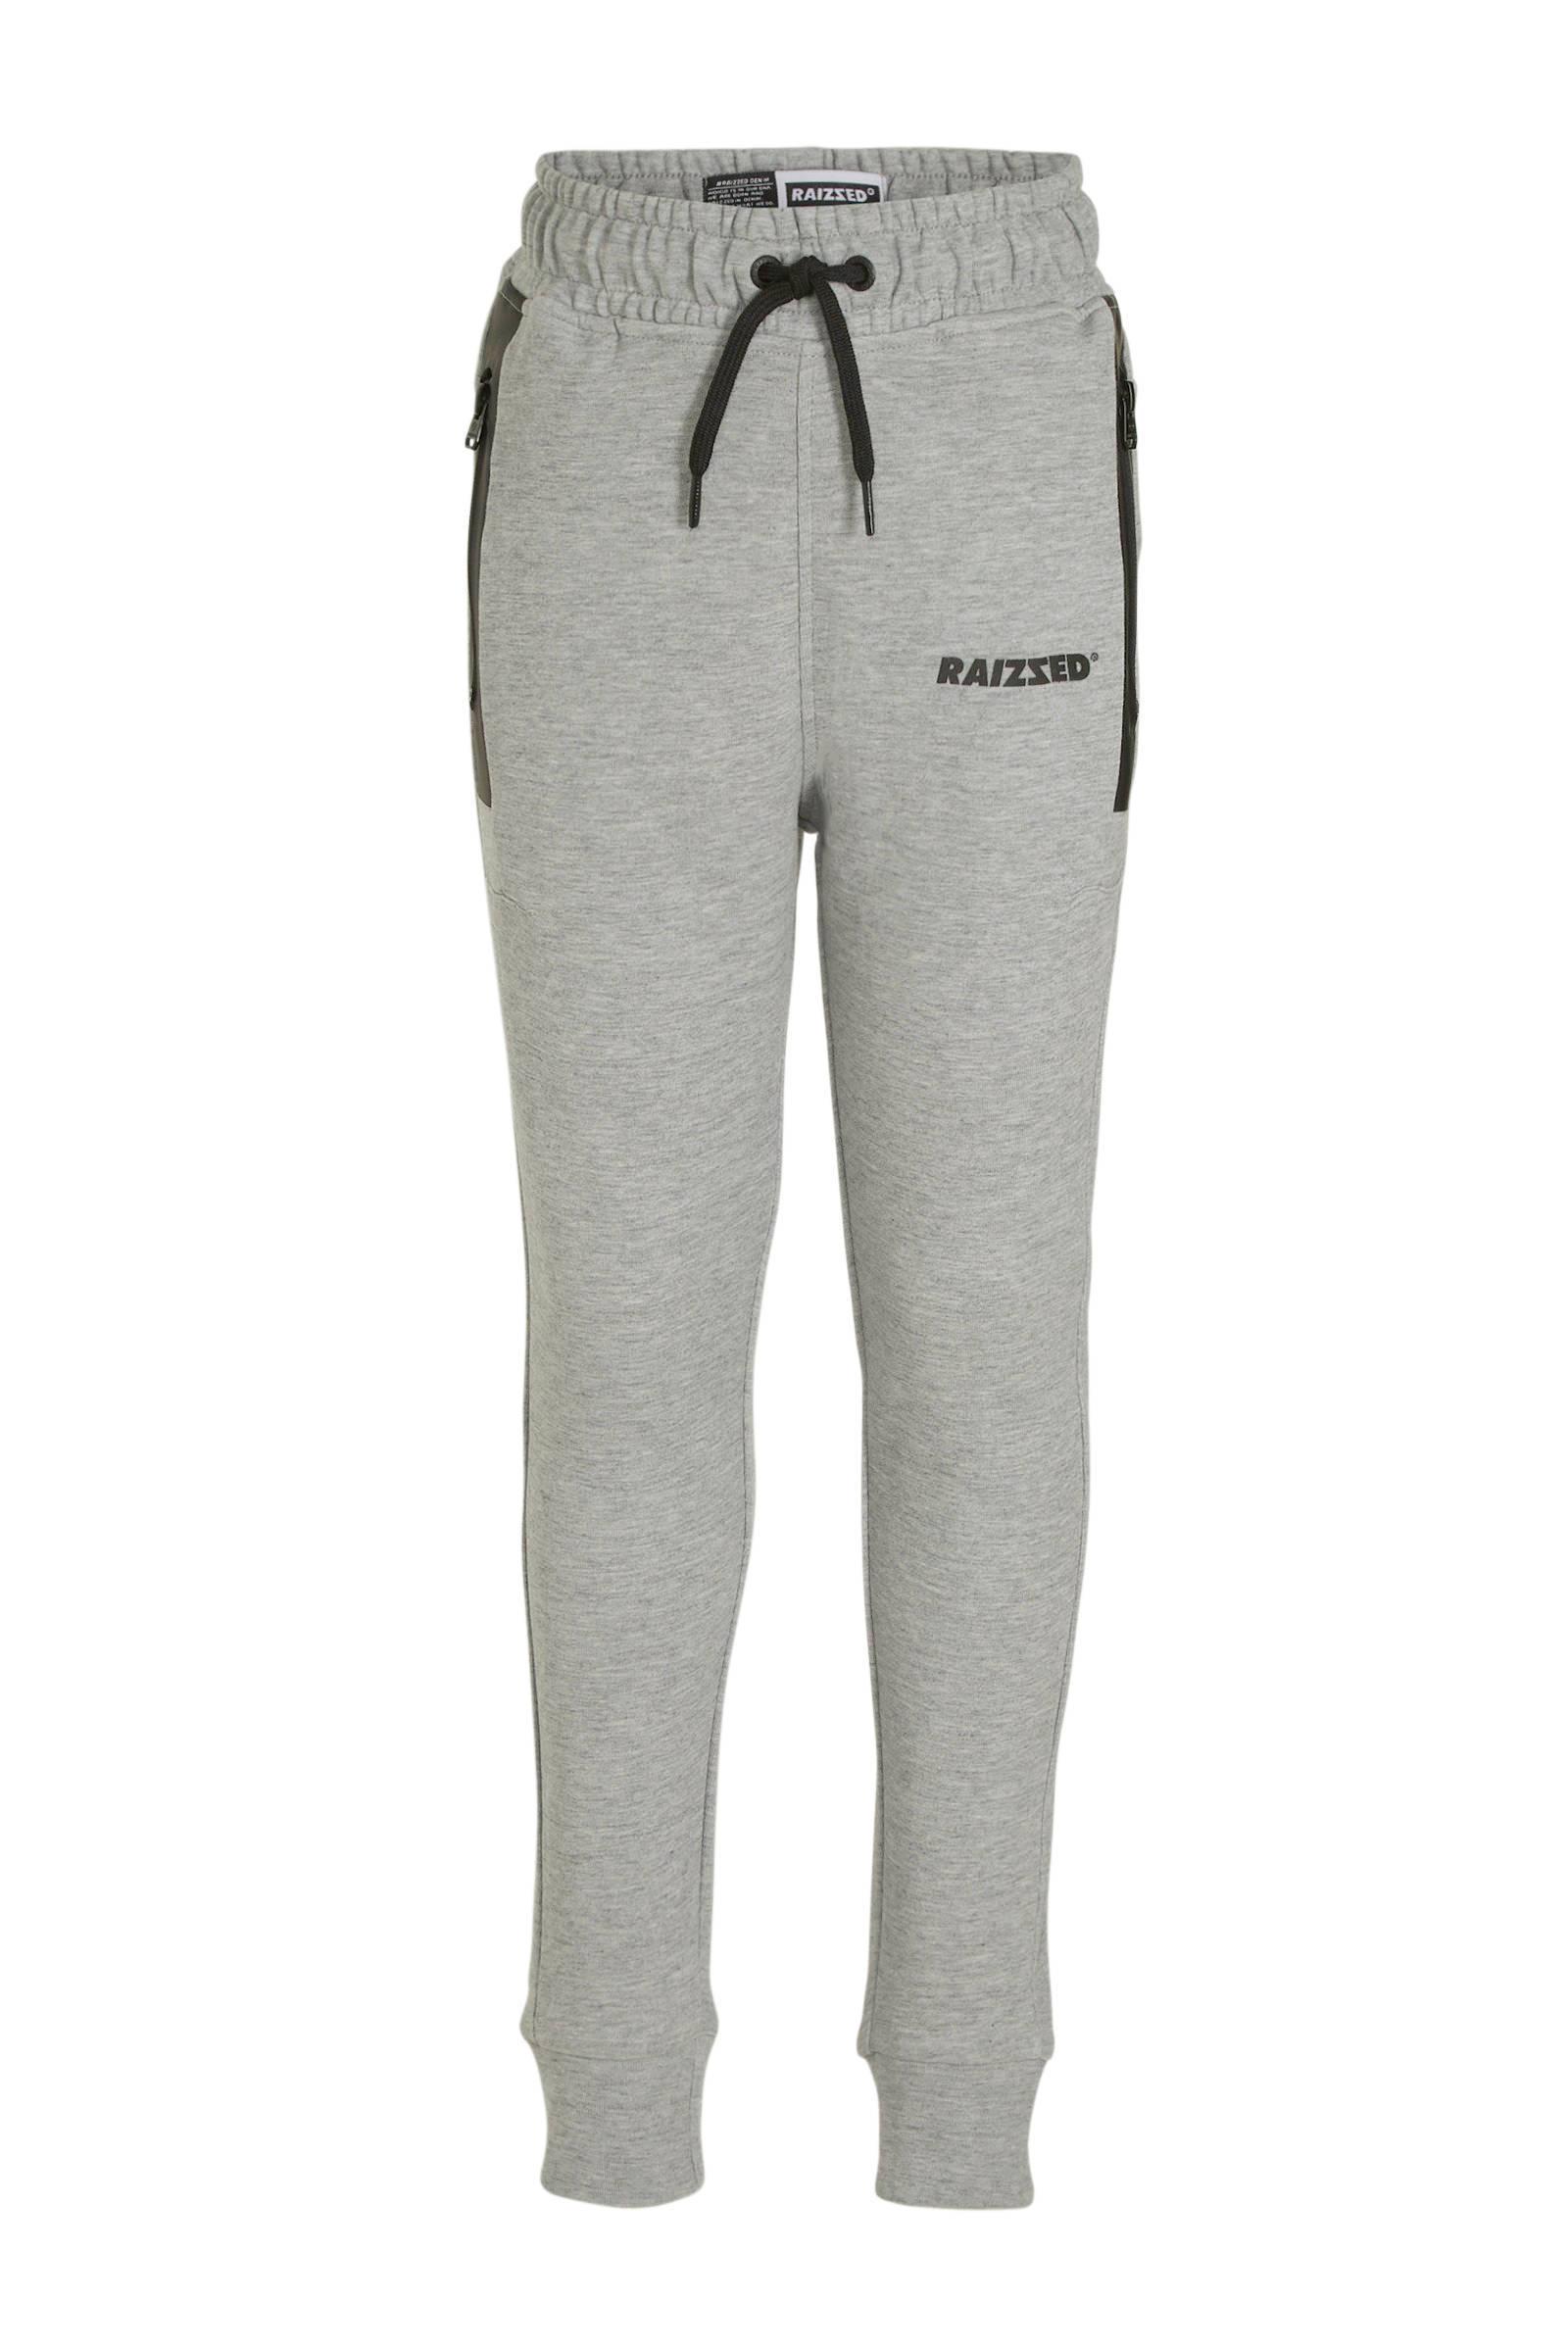 Raizzed skinny joggingbroek Seattle grijszwart | wehkamp